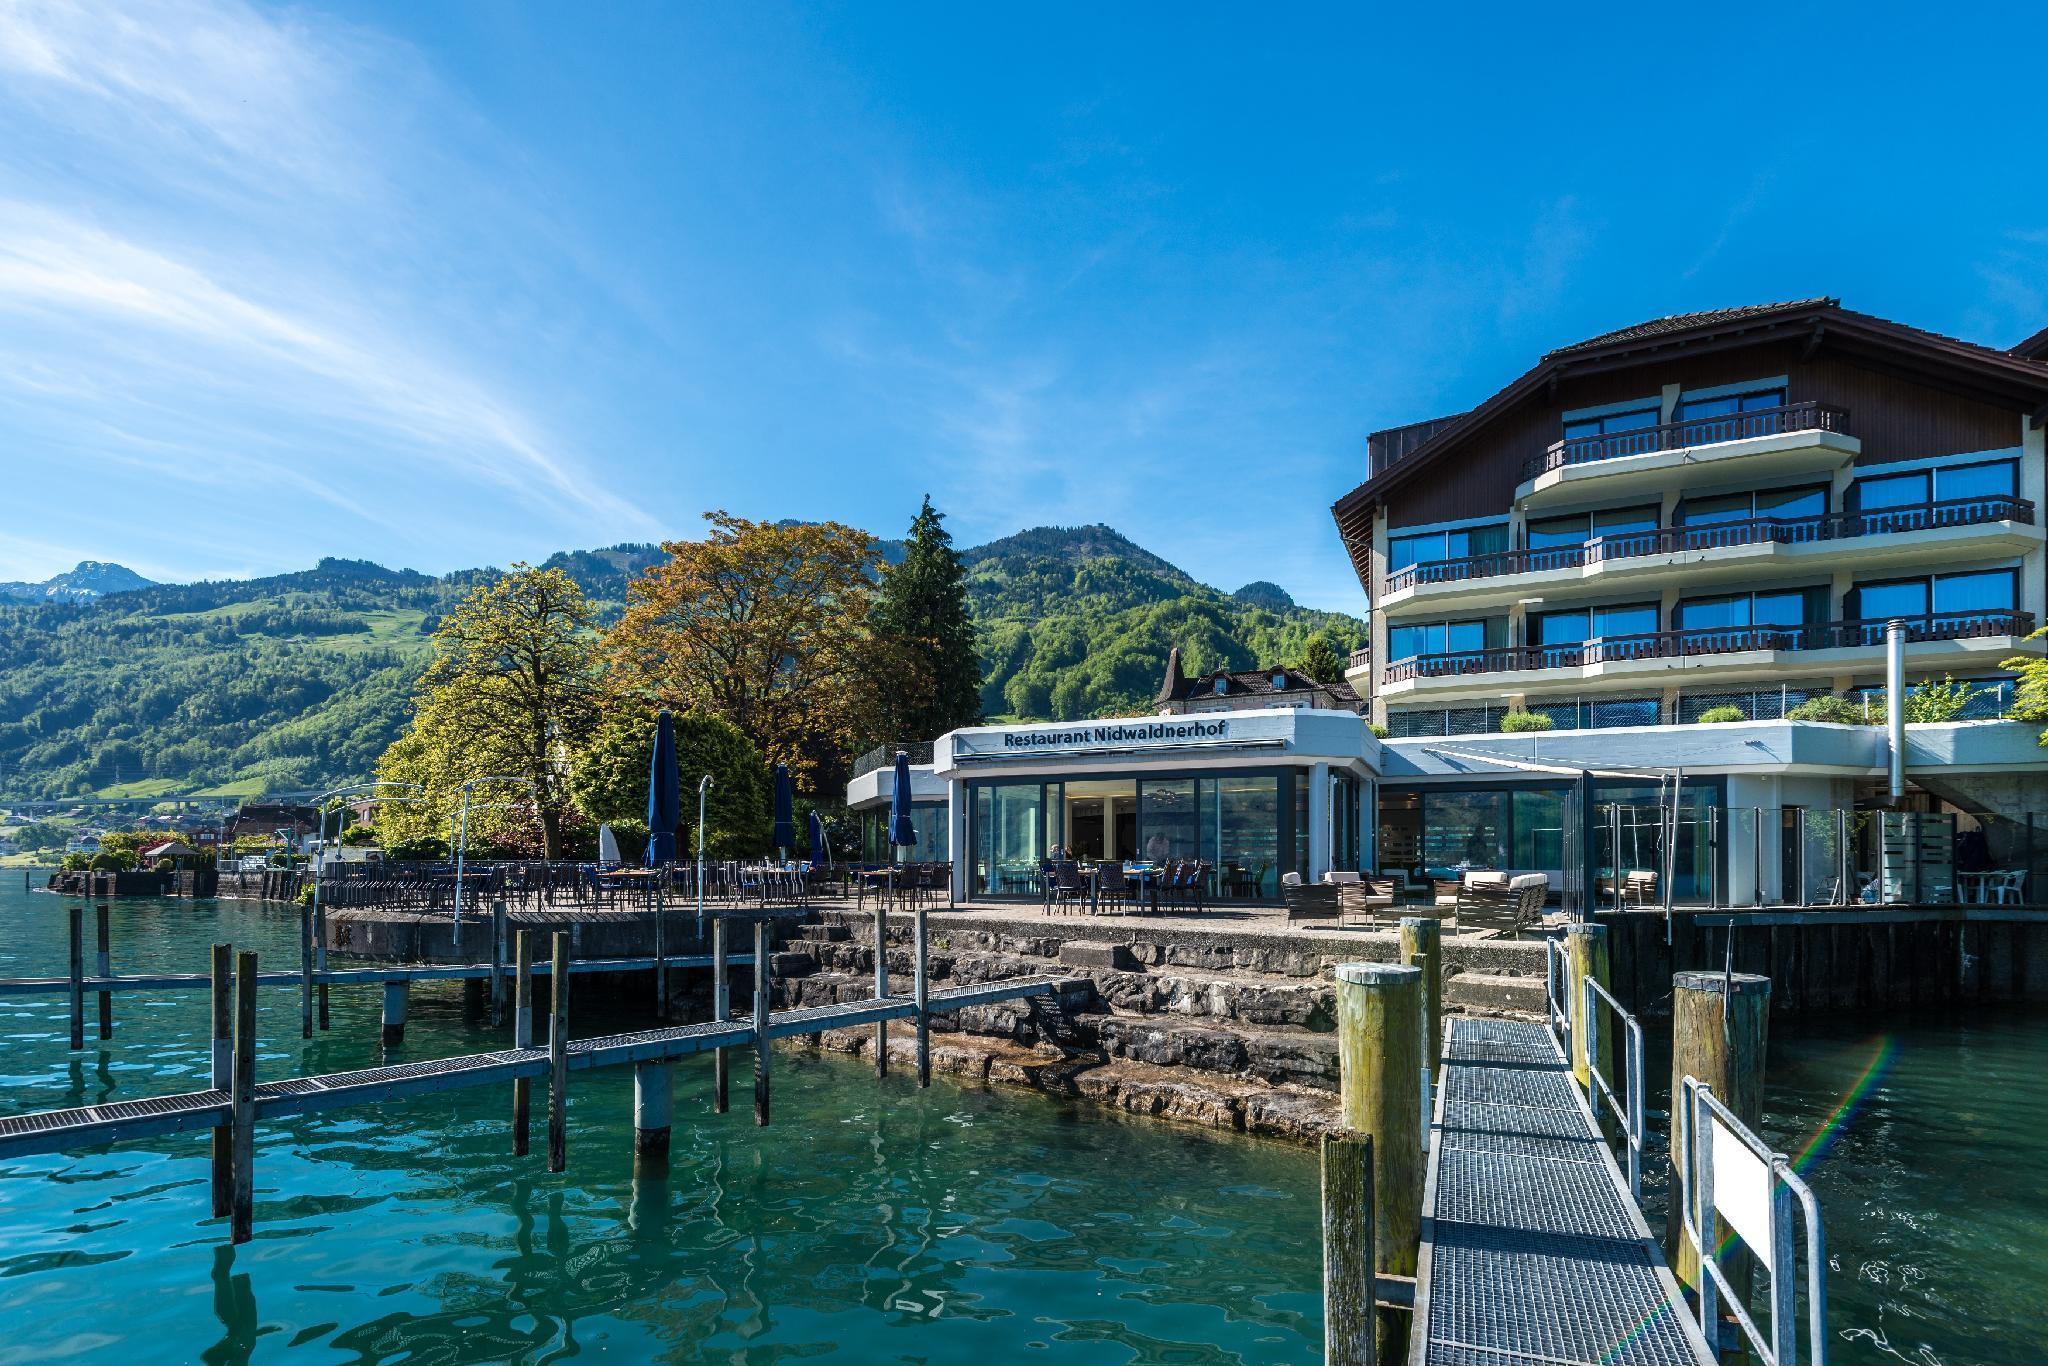 Hotel Nidwaldnerhof, Nidwalden